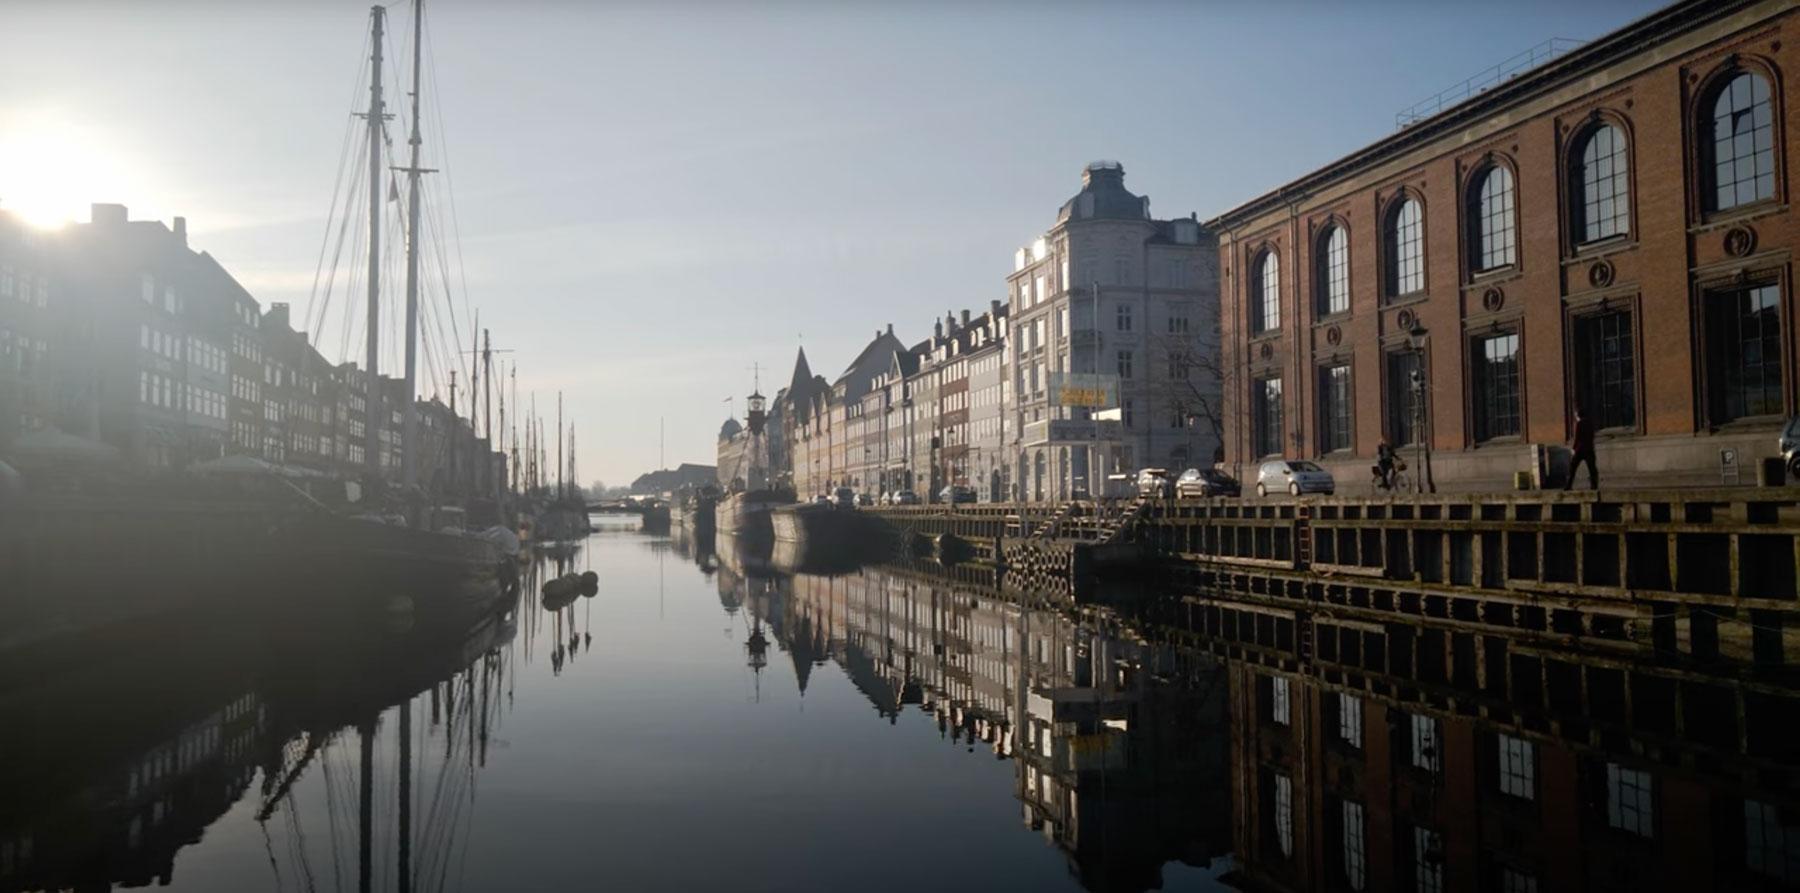 Downtown København